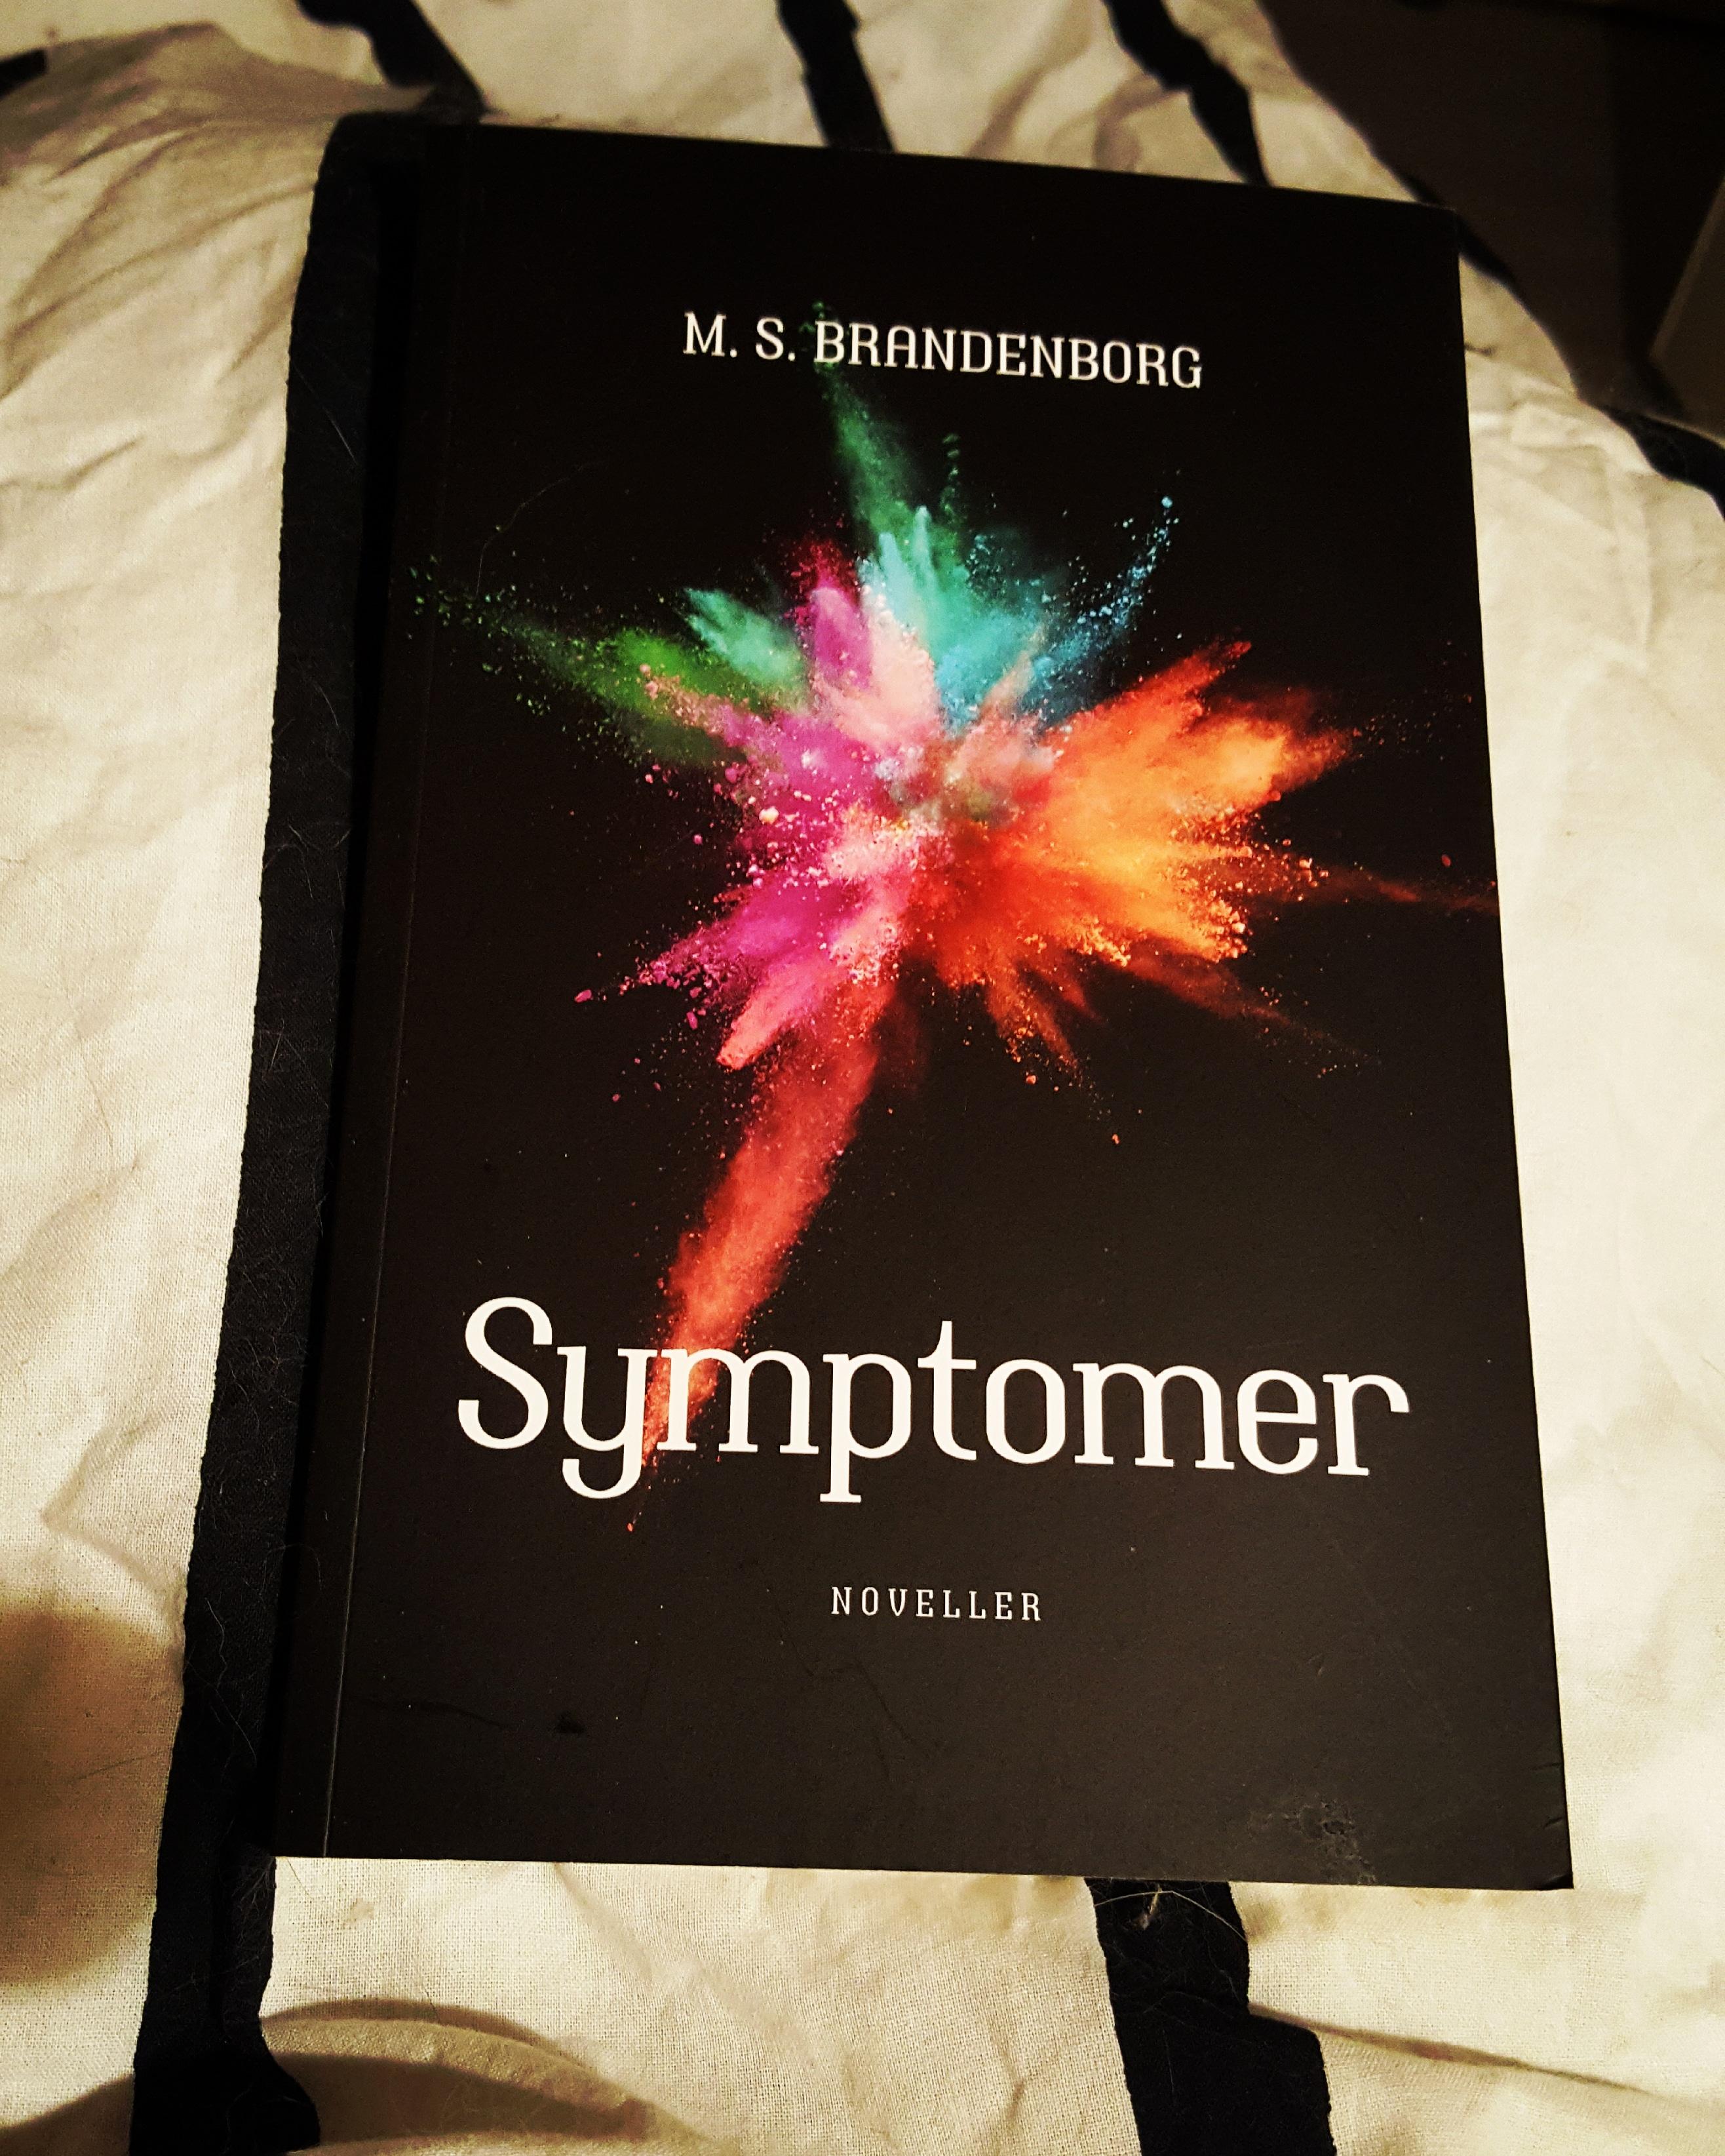 Symptomer af M.S. Brandenborg